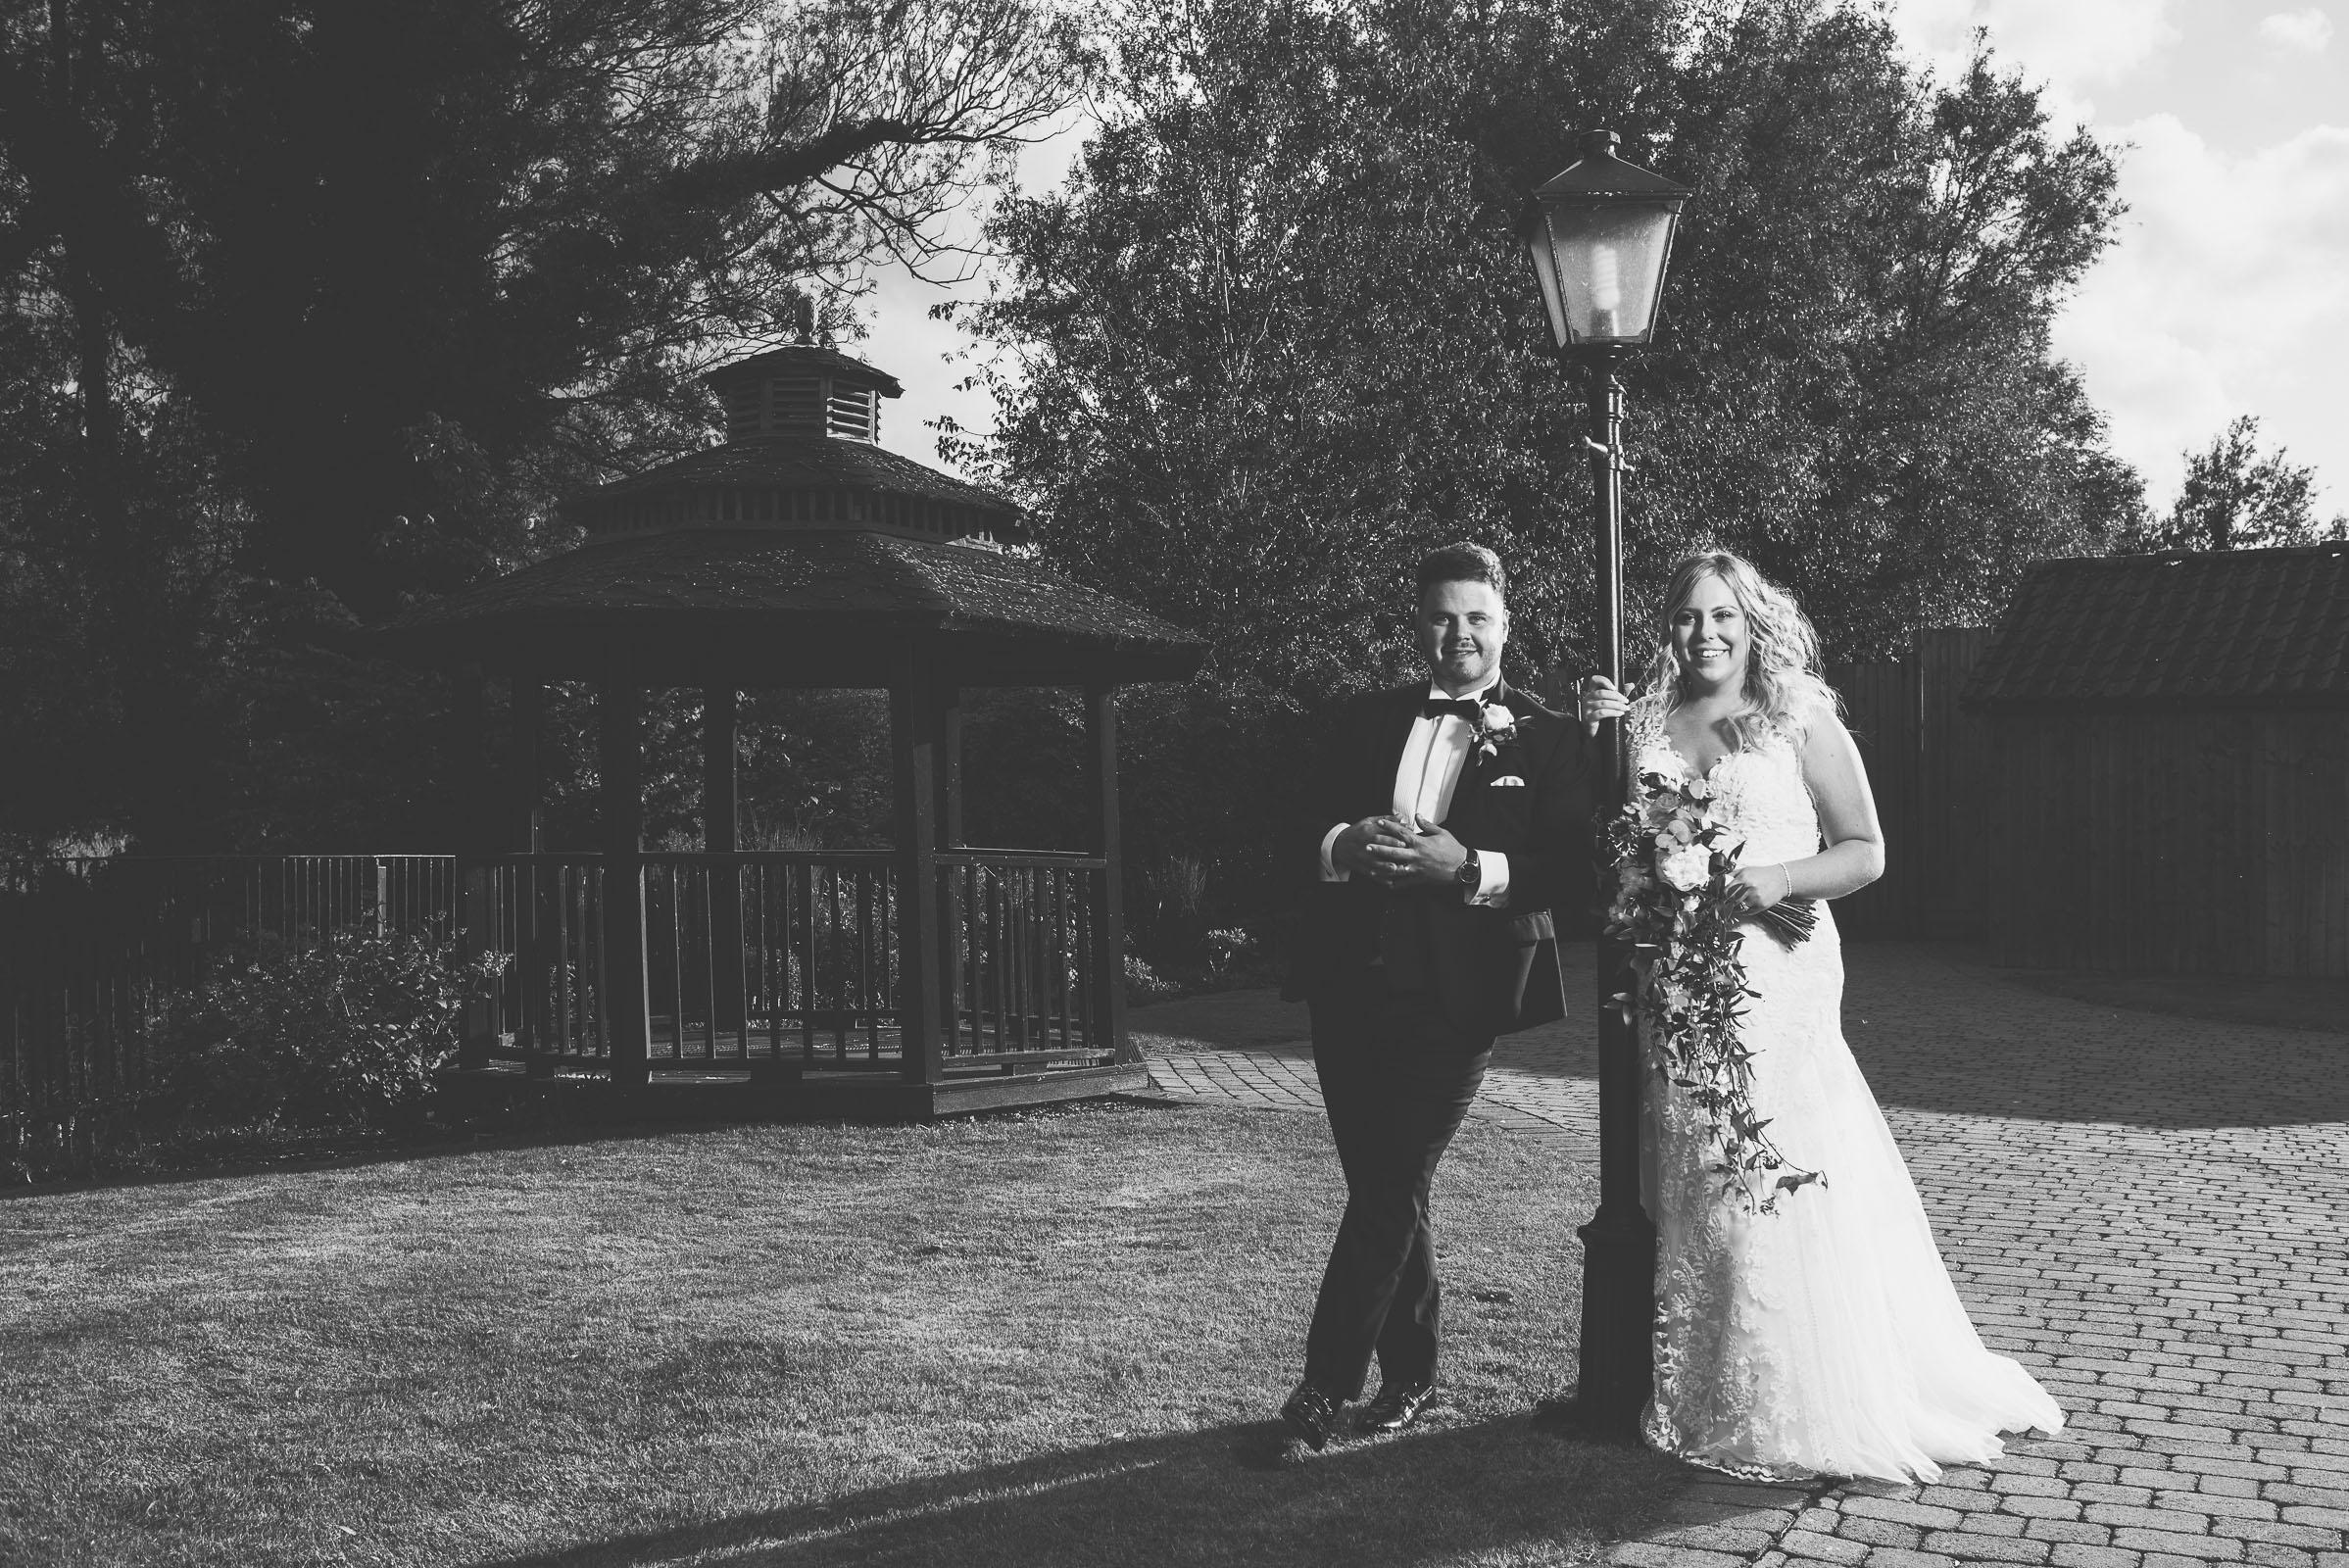 Lutonhoo-wedding-Bedfordshire-Datchworth-Tewinburyfarm-75.jpg